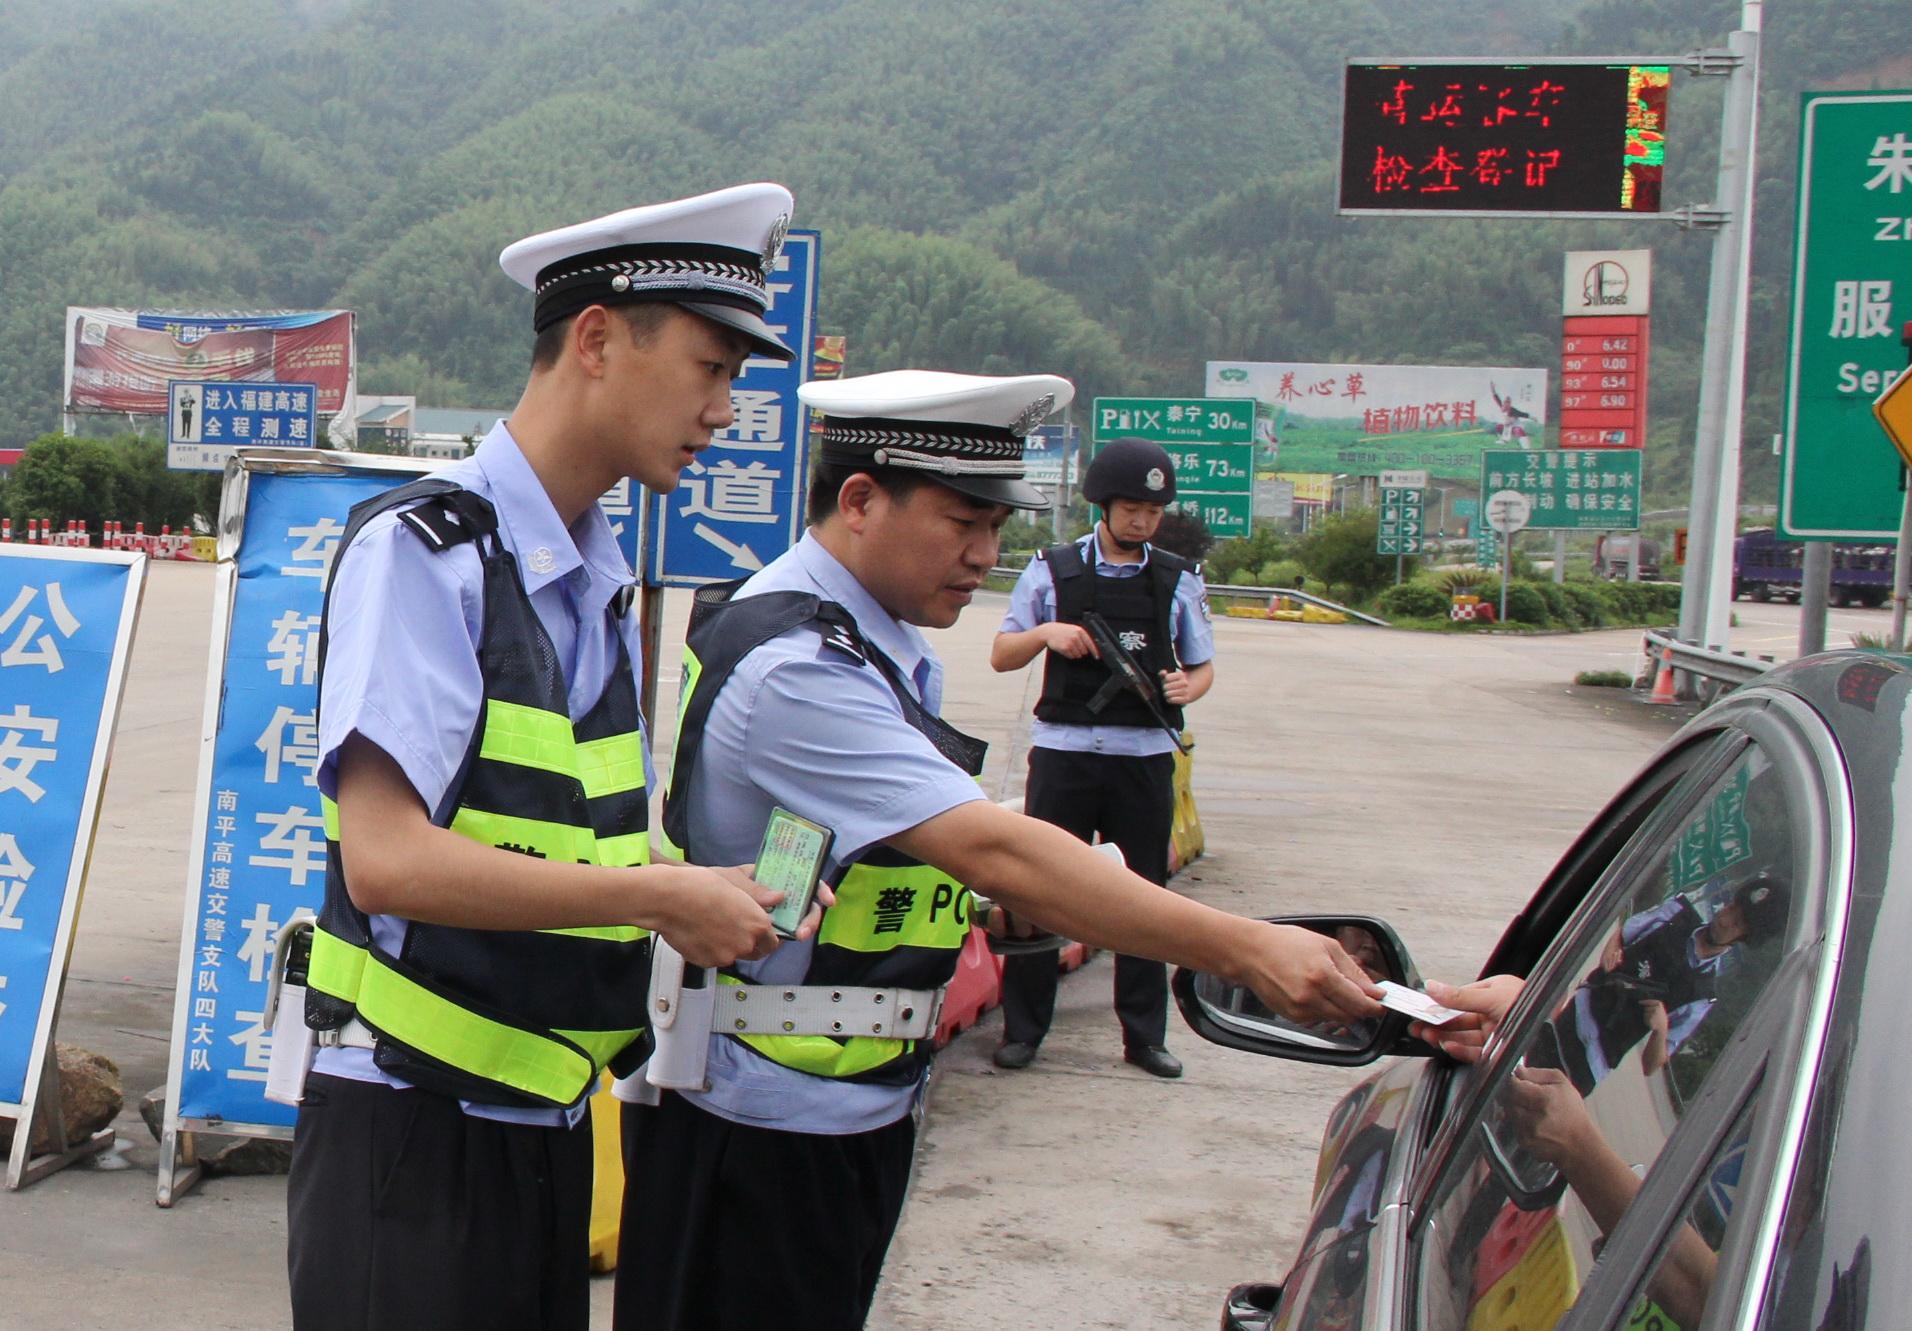 2014年6月,刘才添与同事俞有忠在福银高速闽赣省际收费站检查过往车辆证件。李嘉 摄